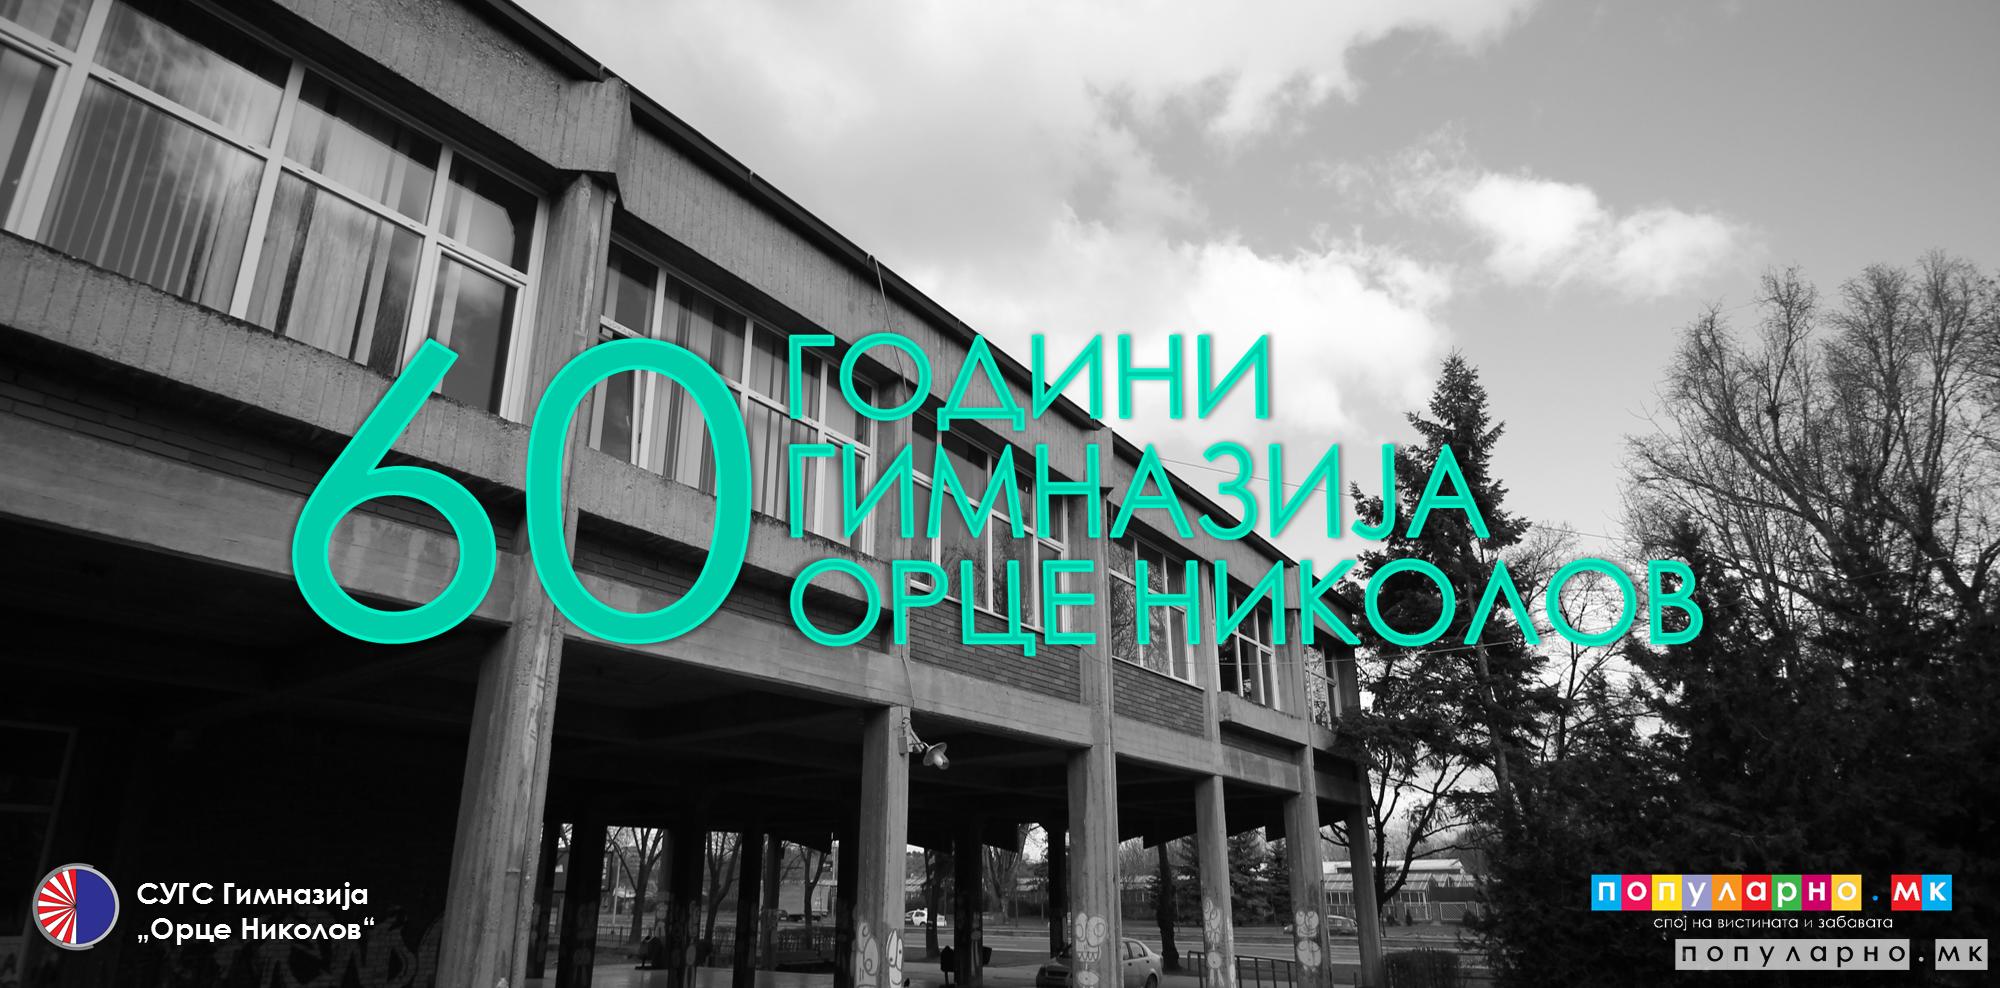 """Недела на патронот: Скопската гимназија """"Орце Николов"""" прославува 60 години постоење"""